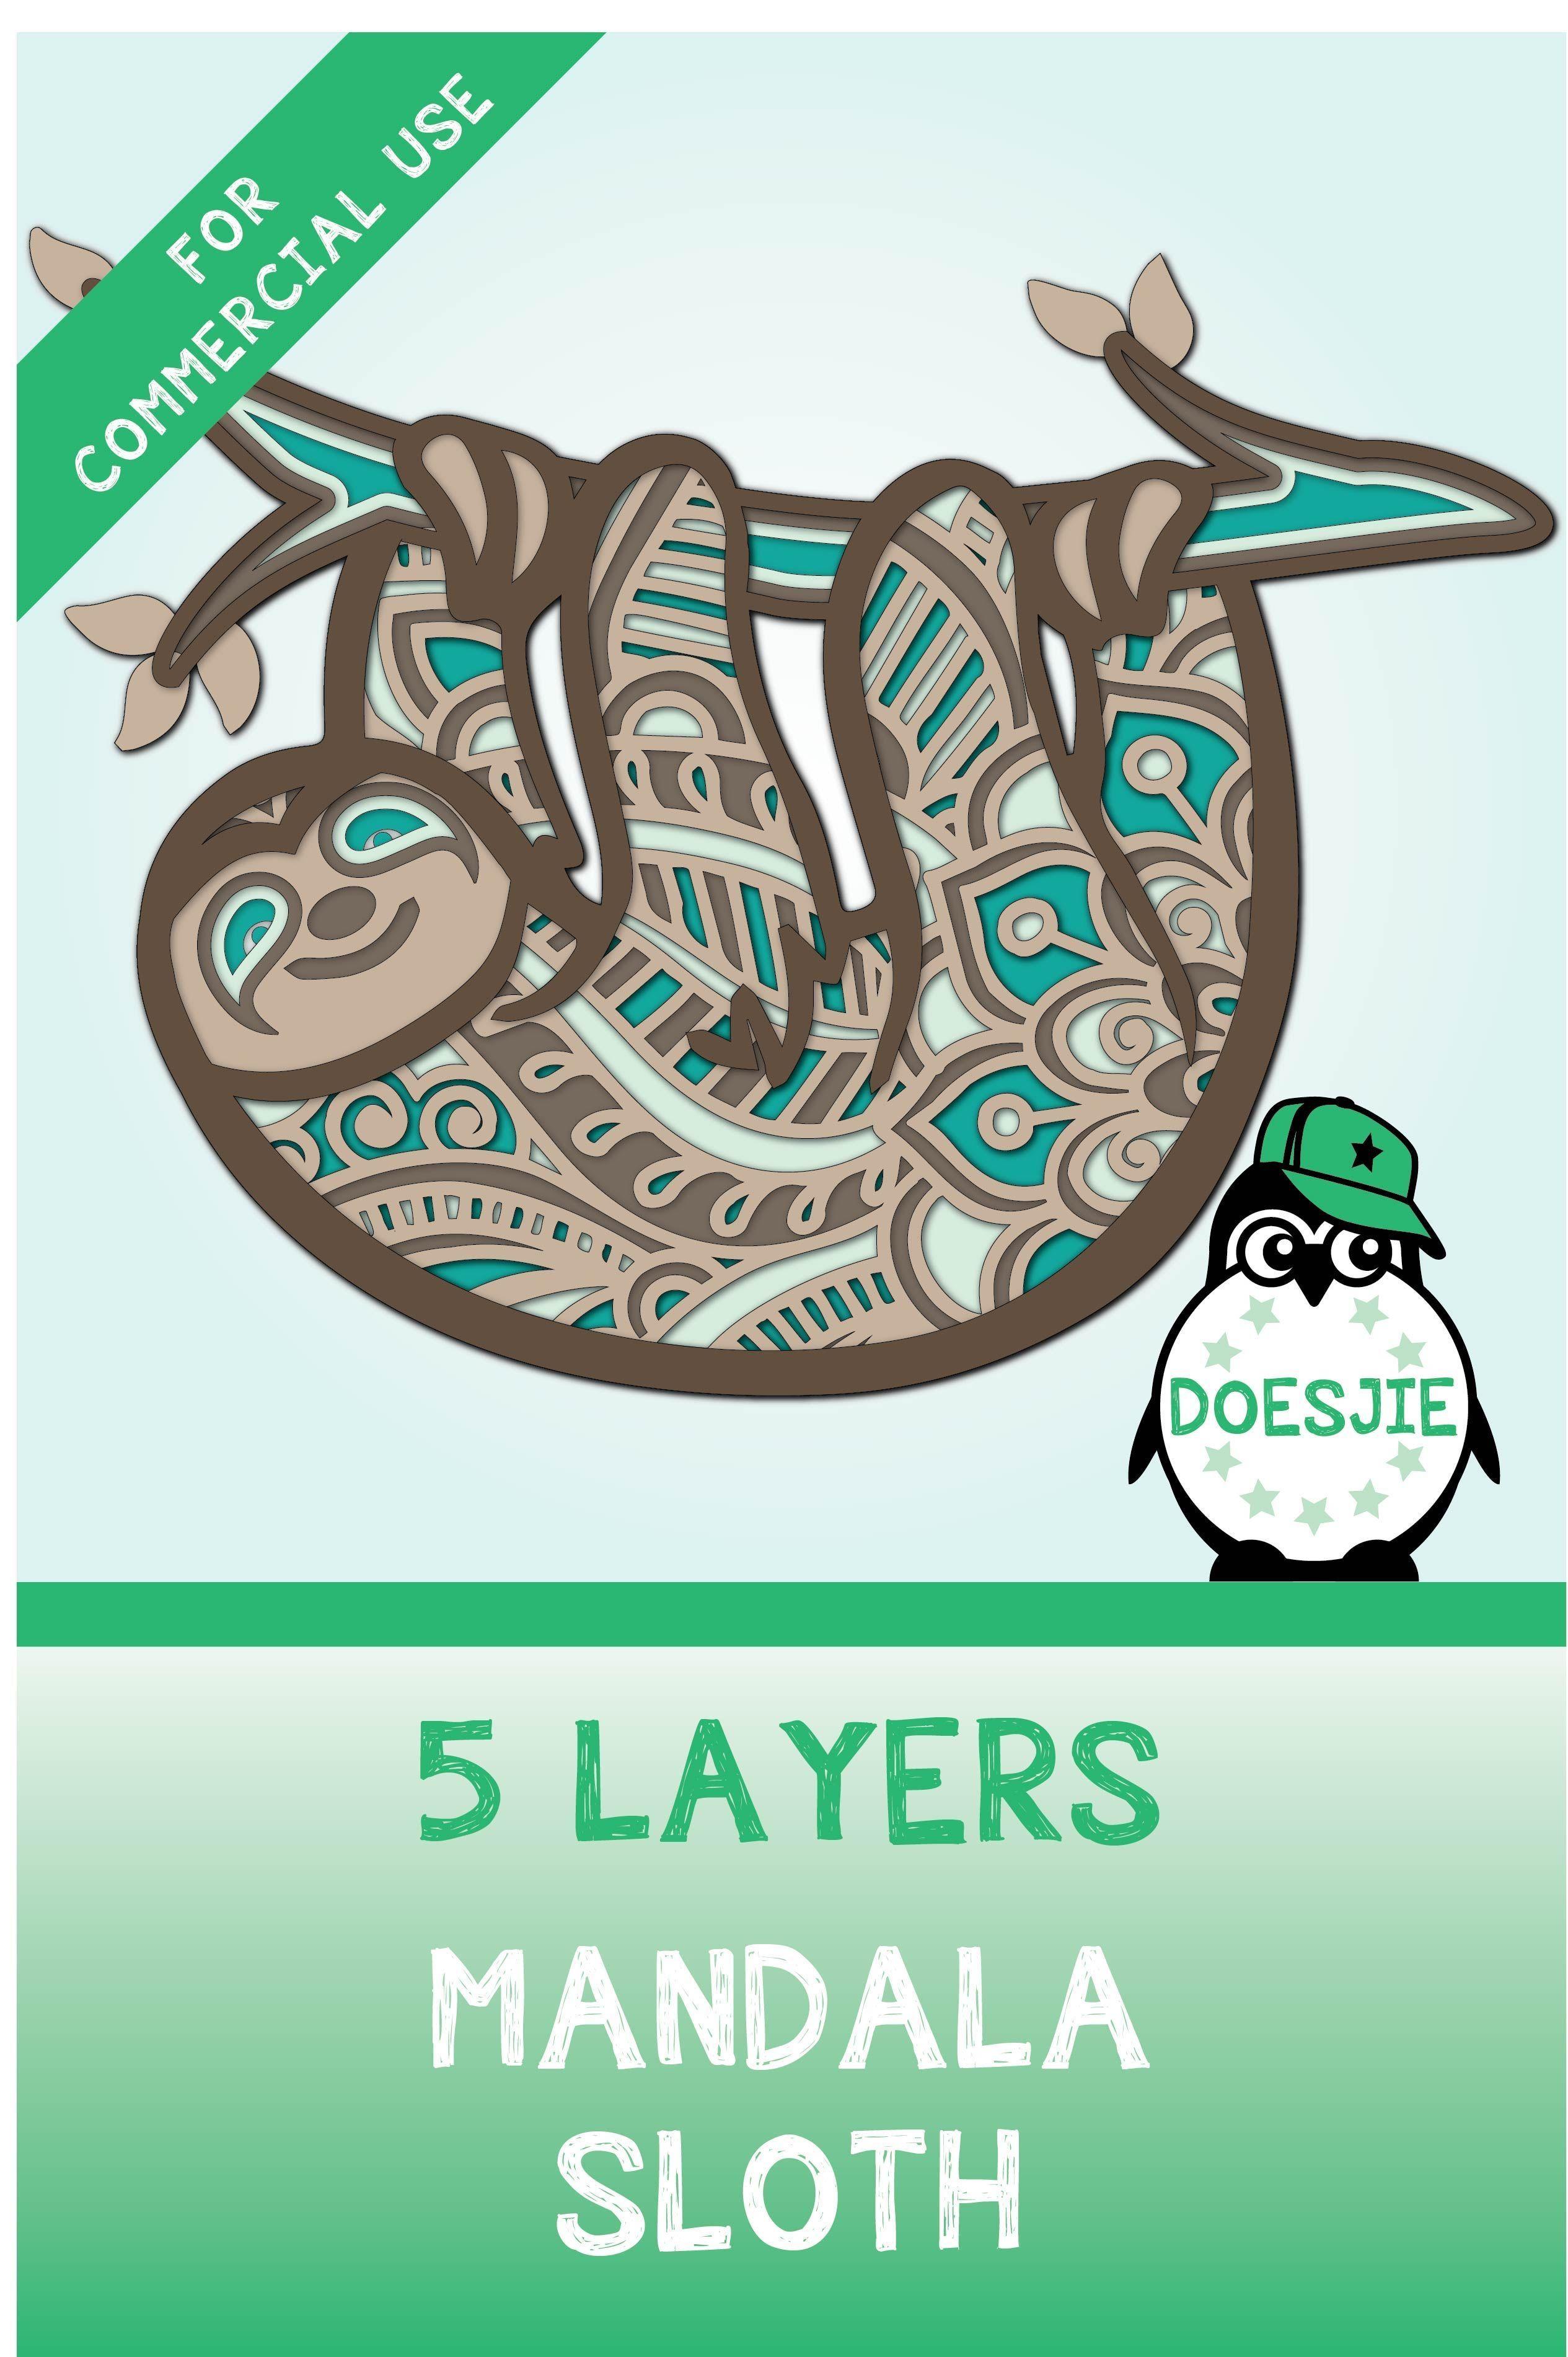 Download 3D Multi layer mandala cute sloth SVG in 2020 | Cute sloth ...